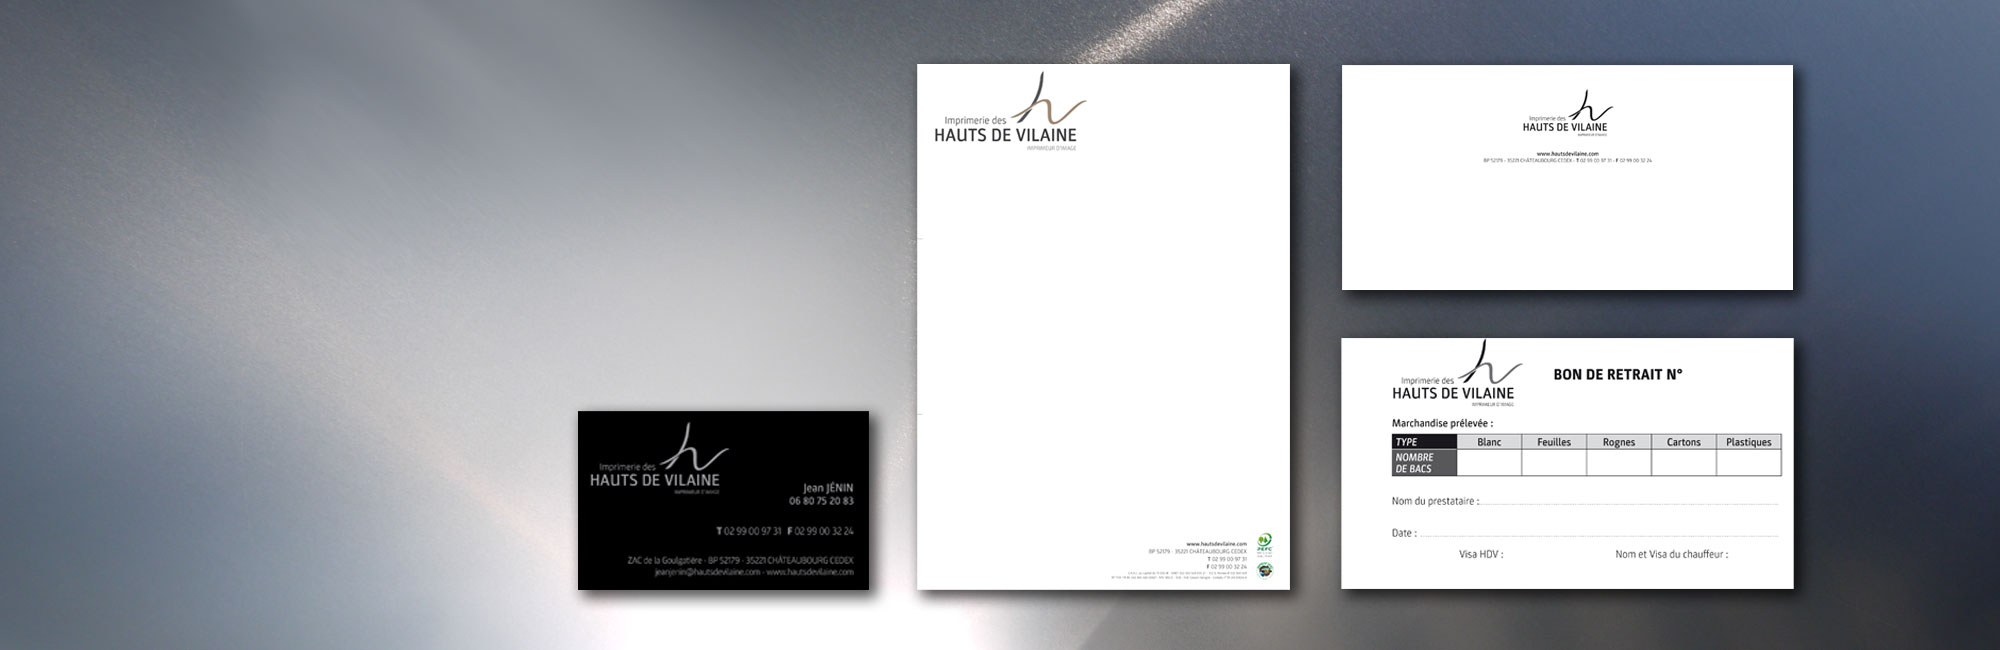 Papeterie - Impression de documents administratifs